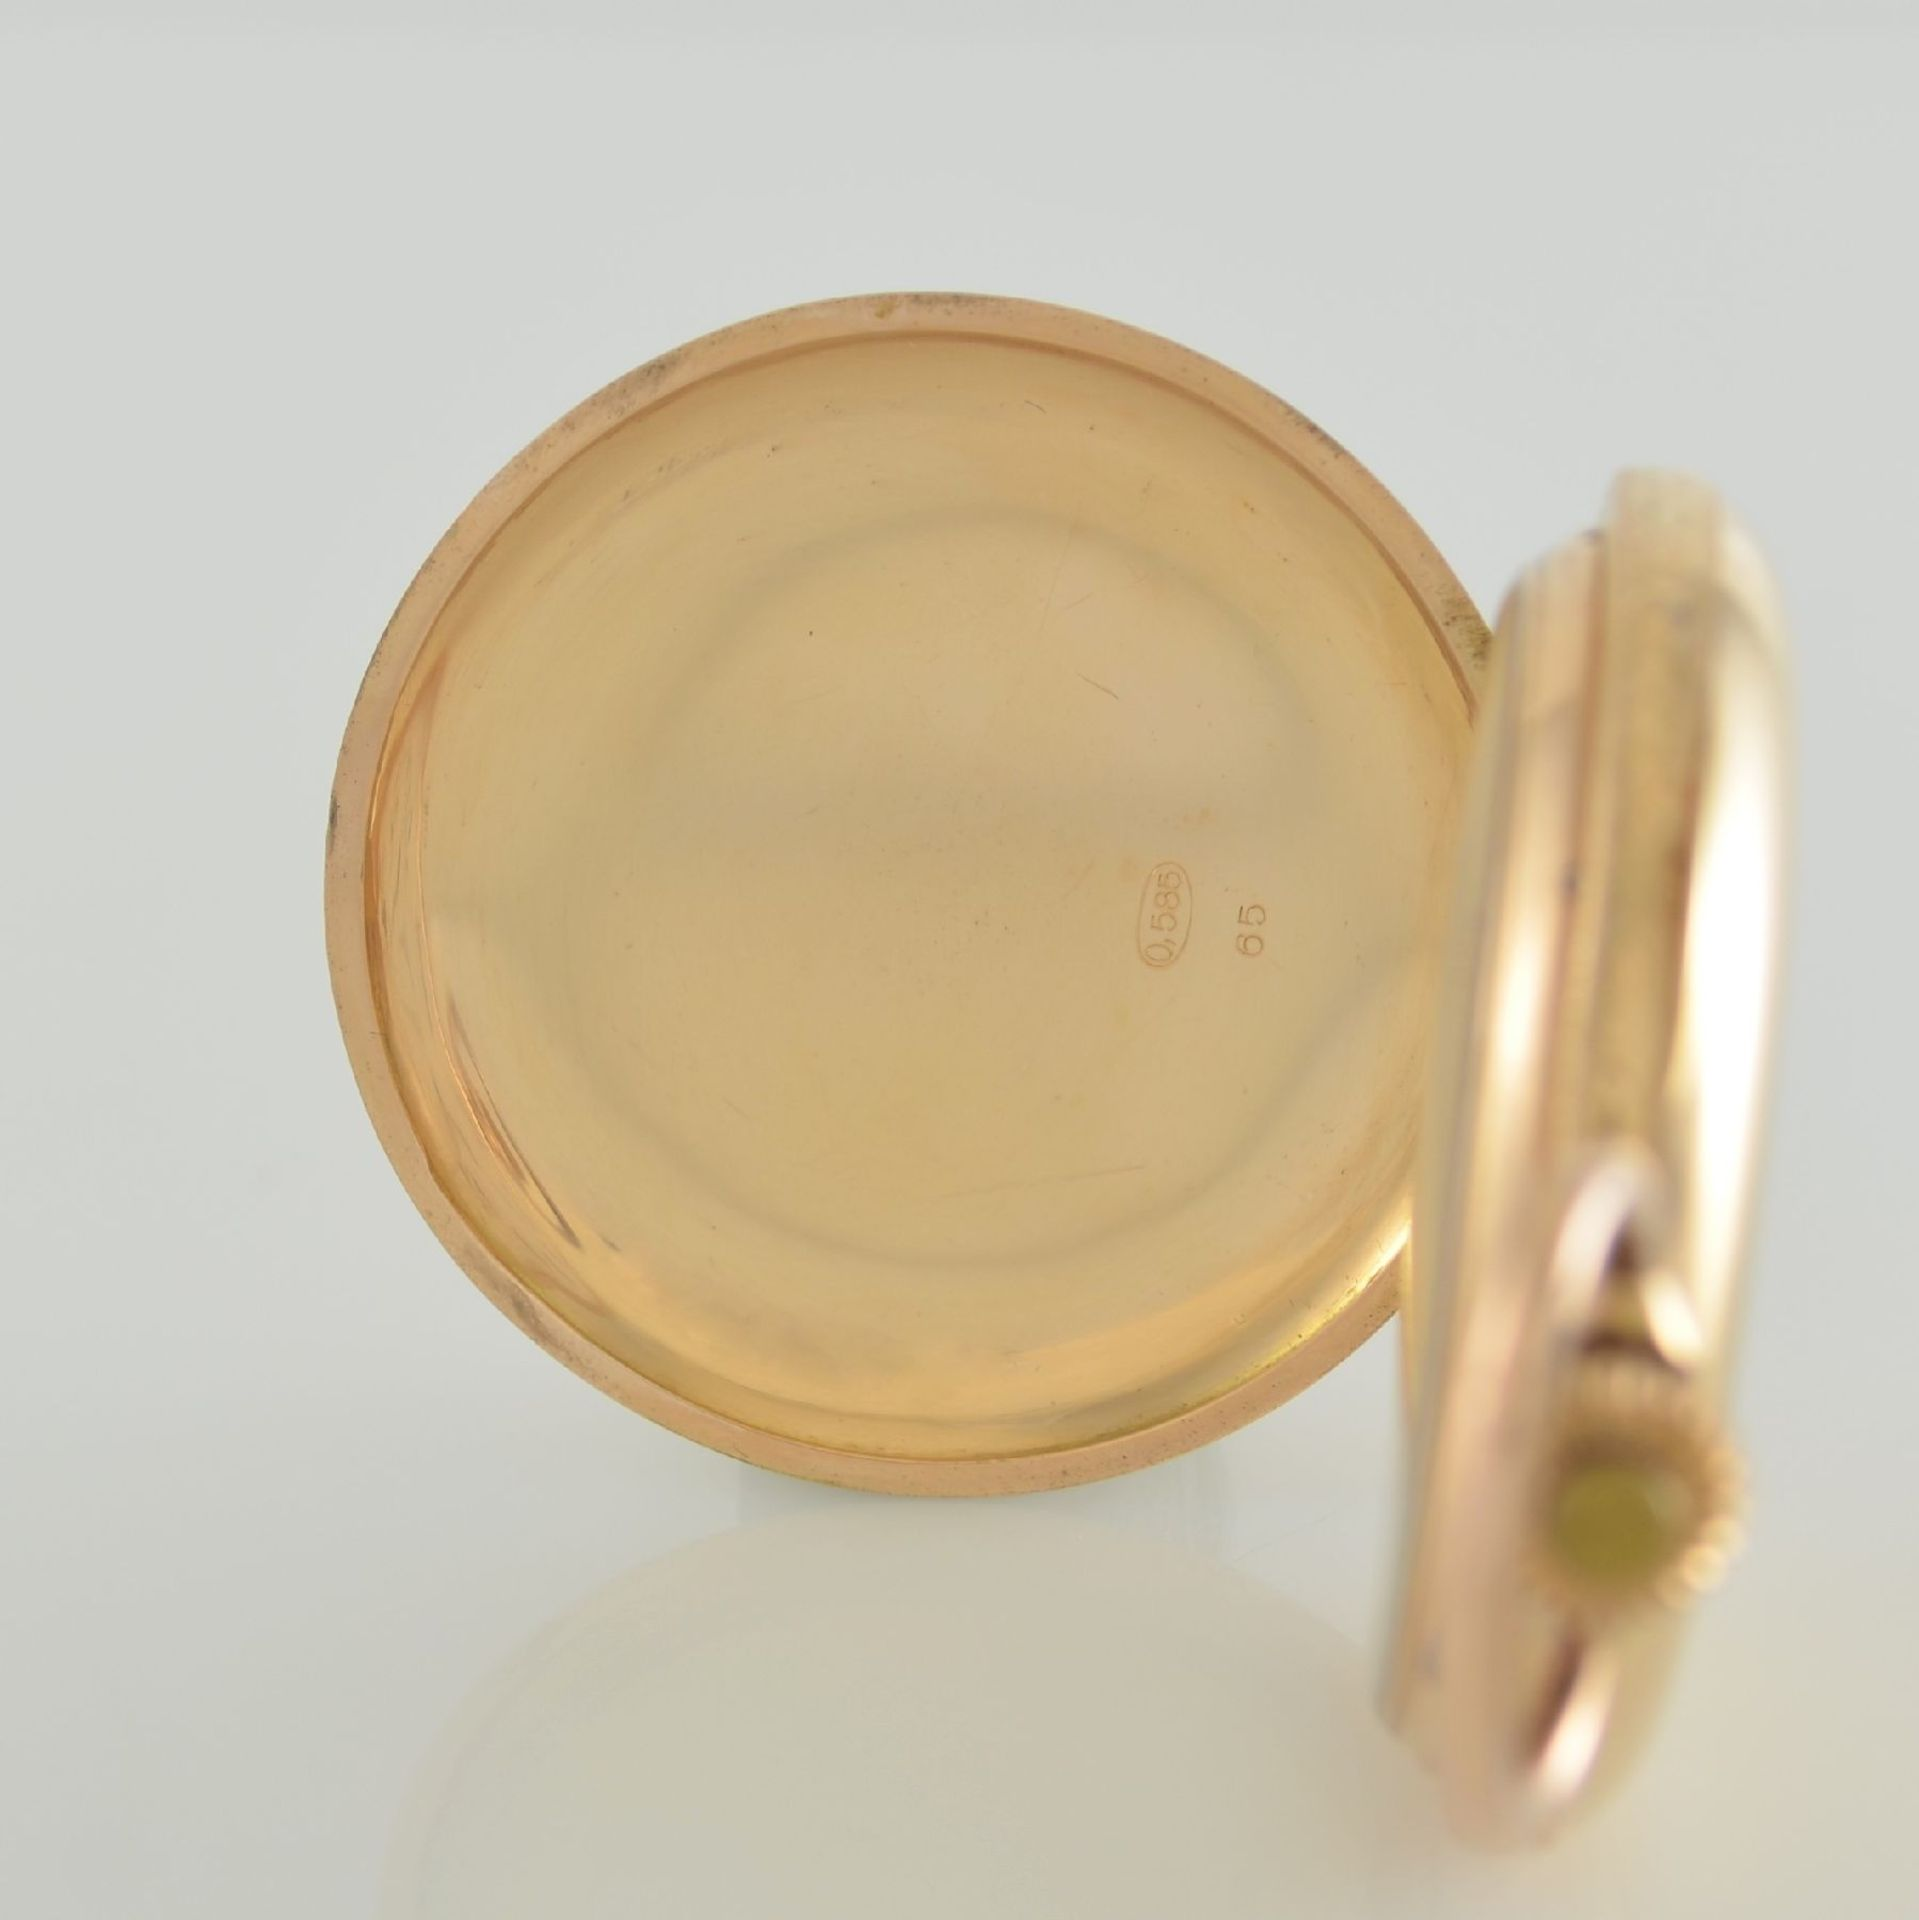 SYSTÉME GLASHÜTTE Herrensavonette in RG 585/000, Schweiz/Deutschland um 1900, glattes 3-Deckel - Bild 3 aus 8